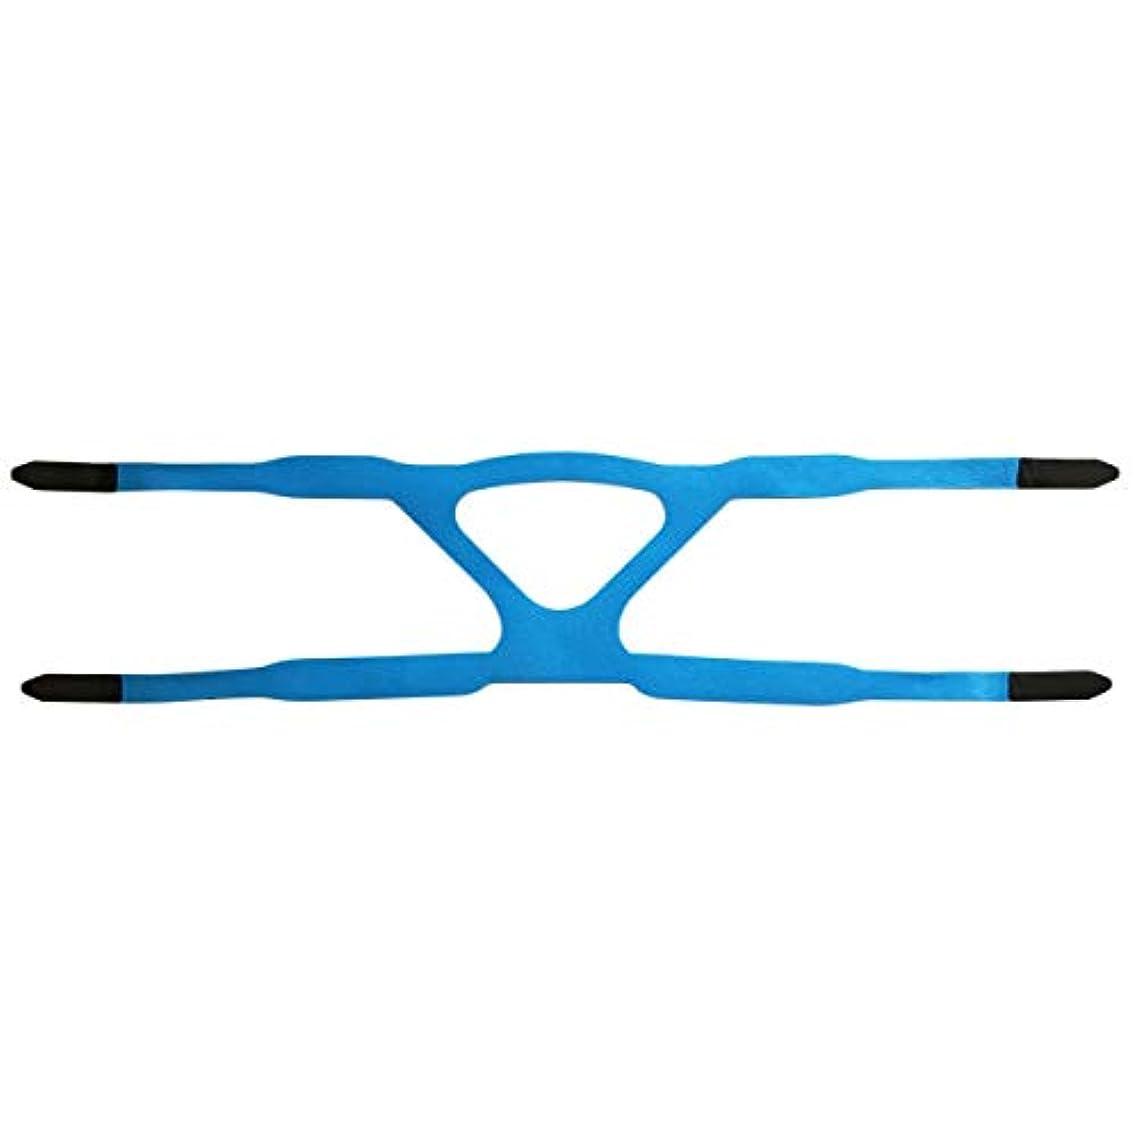 冷蔵する示す恩赦ユニバーサルヘッドギアコンフォートジェルフルマスク安全な環境置換CPAPヘッドバンドマスクなしPHILPSに適しています(色:青&グレー)